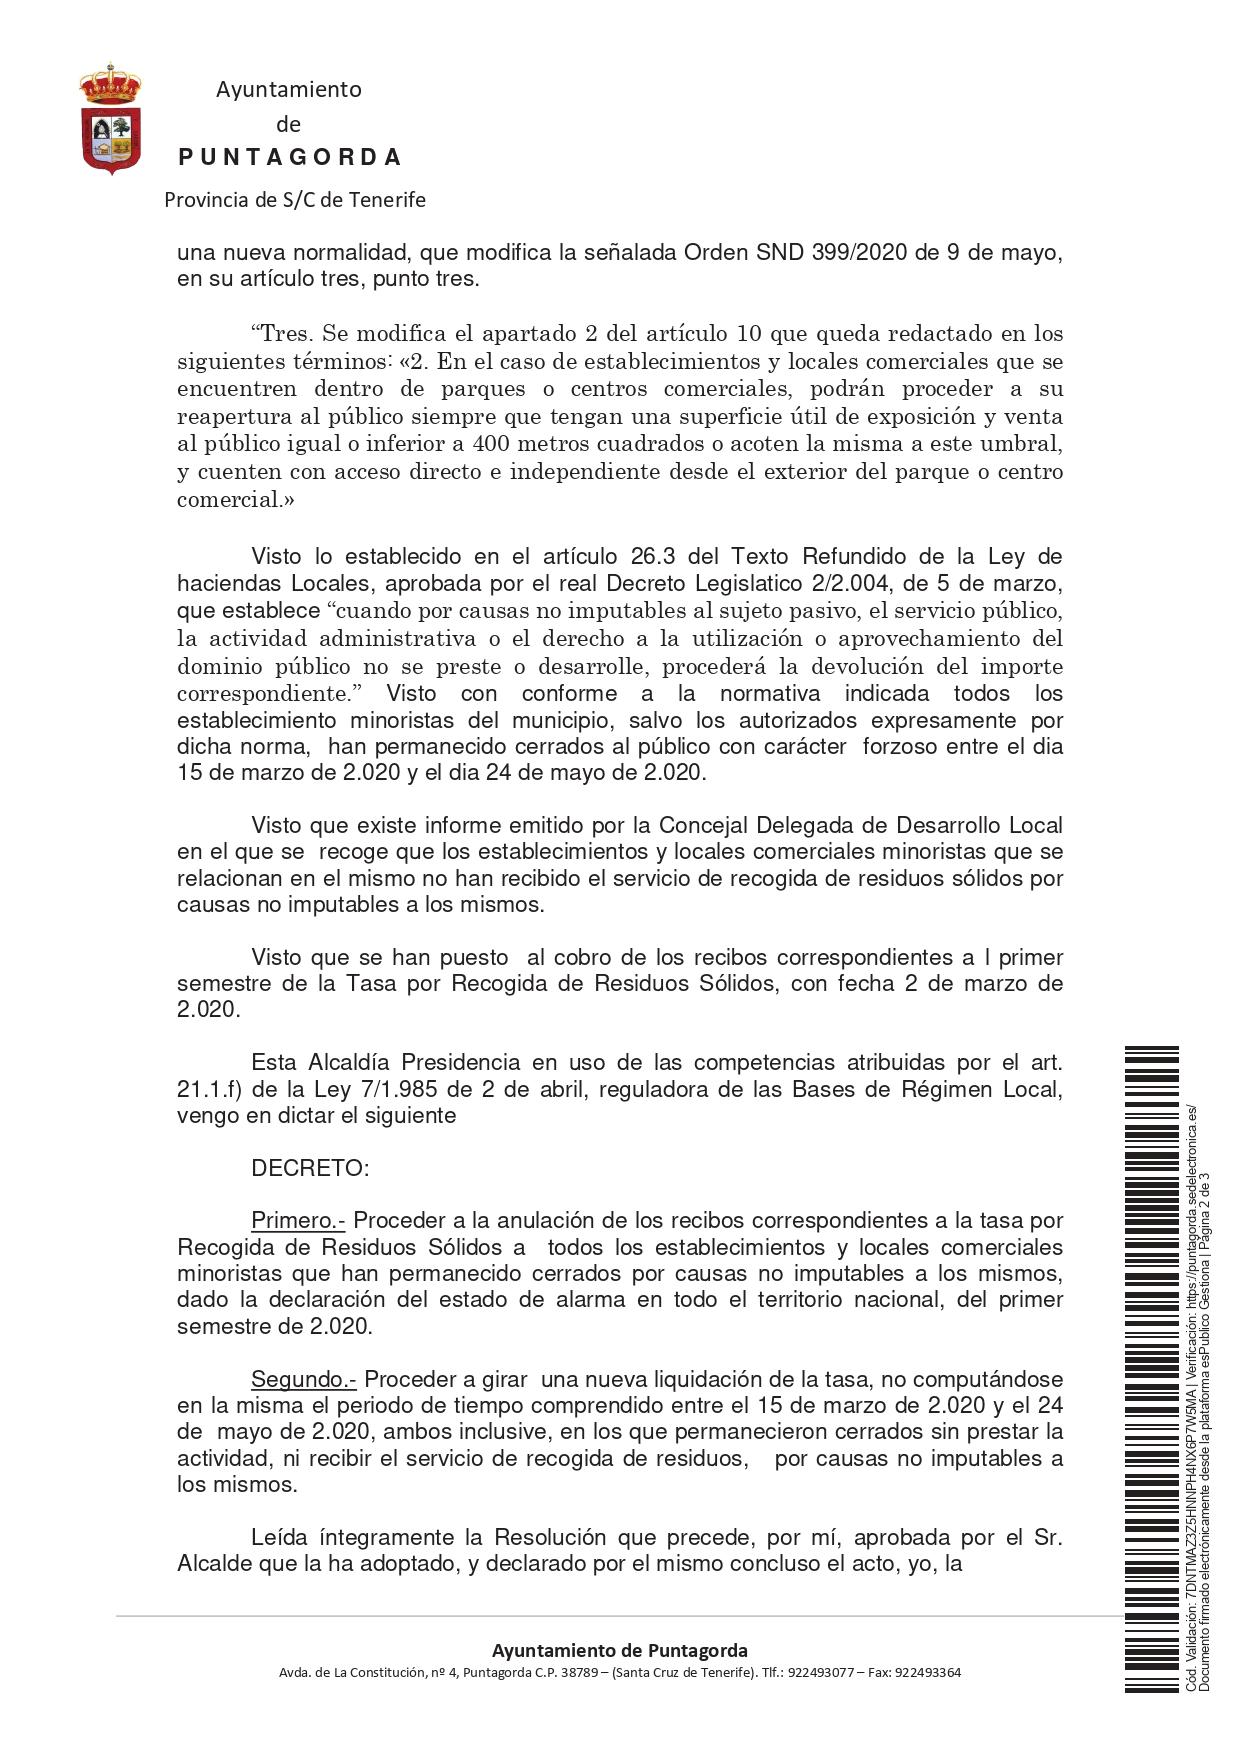 20200604_Resolución_Decreto de Alcaldía _ Decreto de Presidencia_DECRETO_page-0002